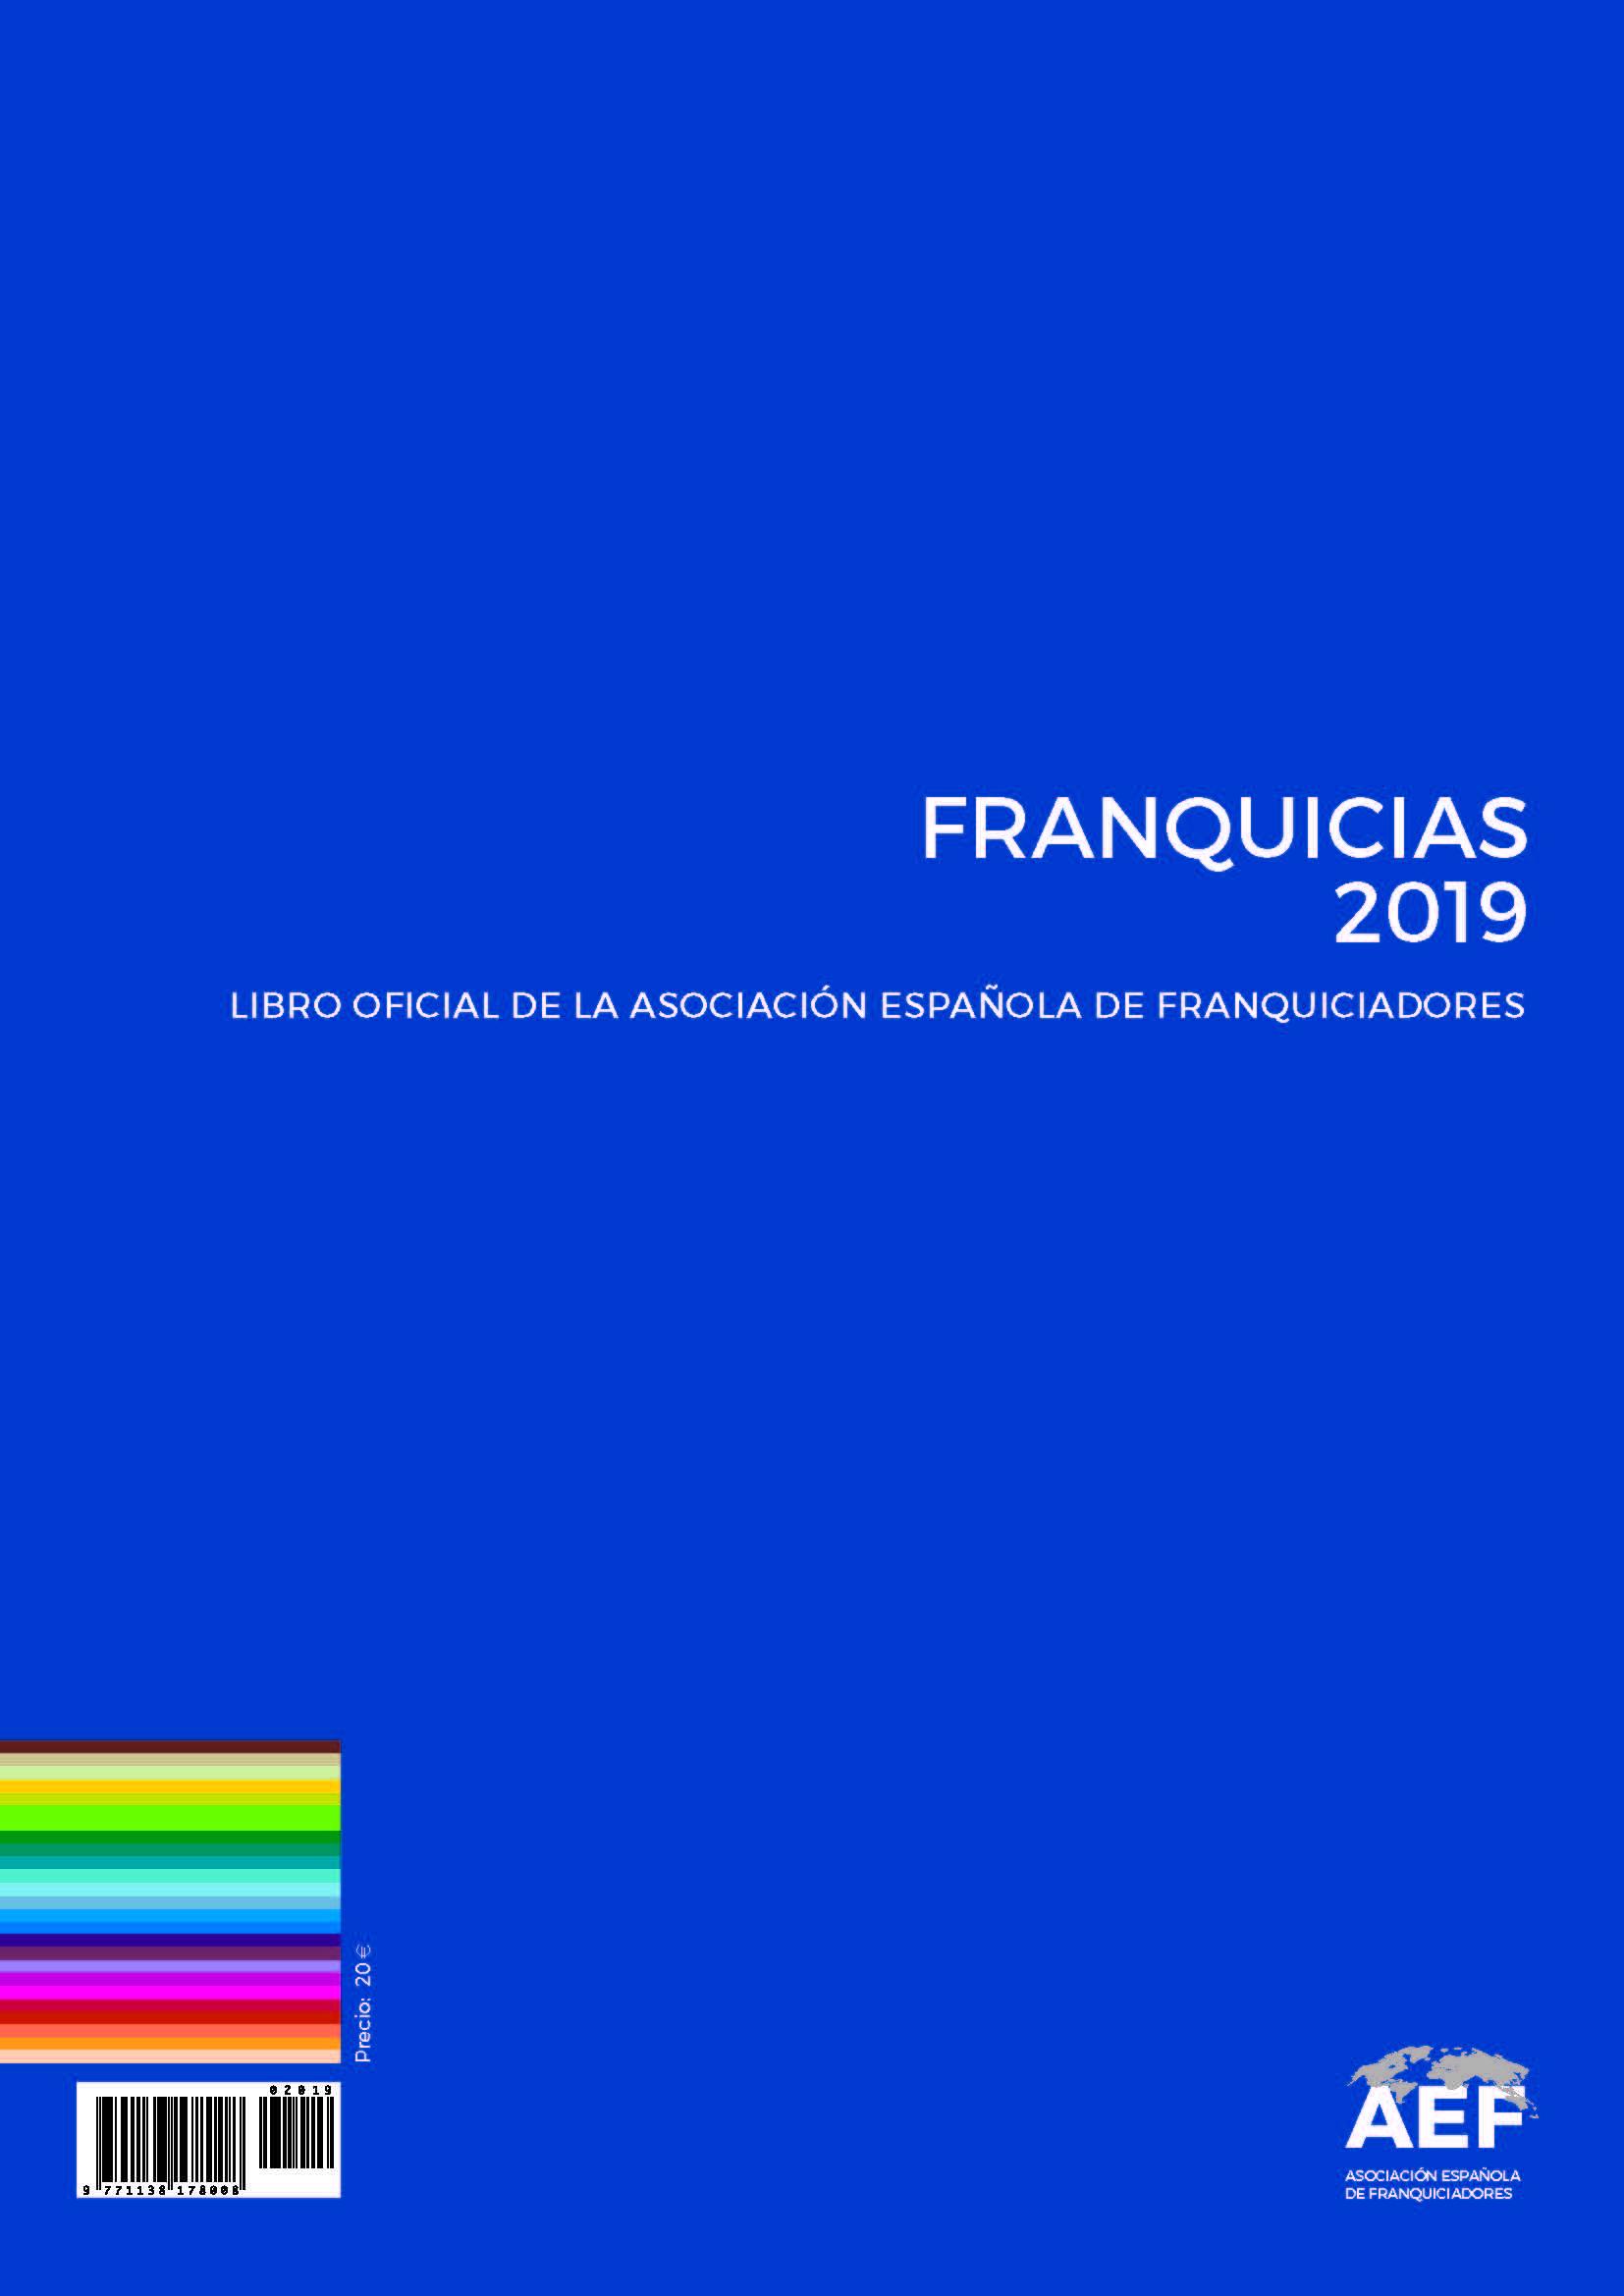 La AEF edita su Libro Oficial FRANQUICIAS 2019 Asociación